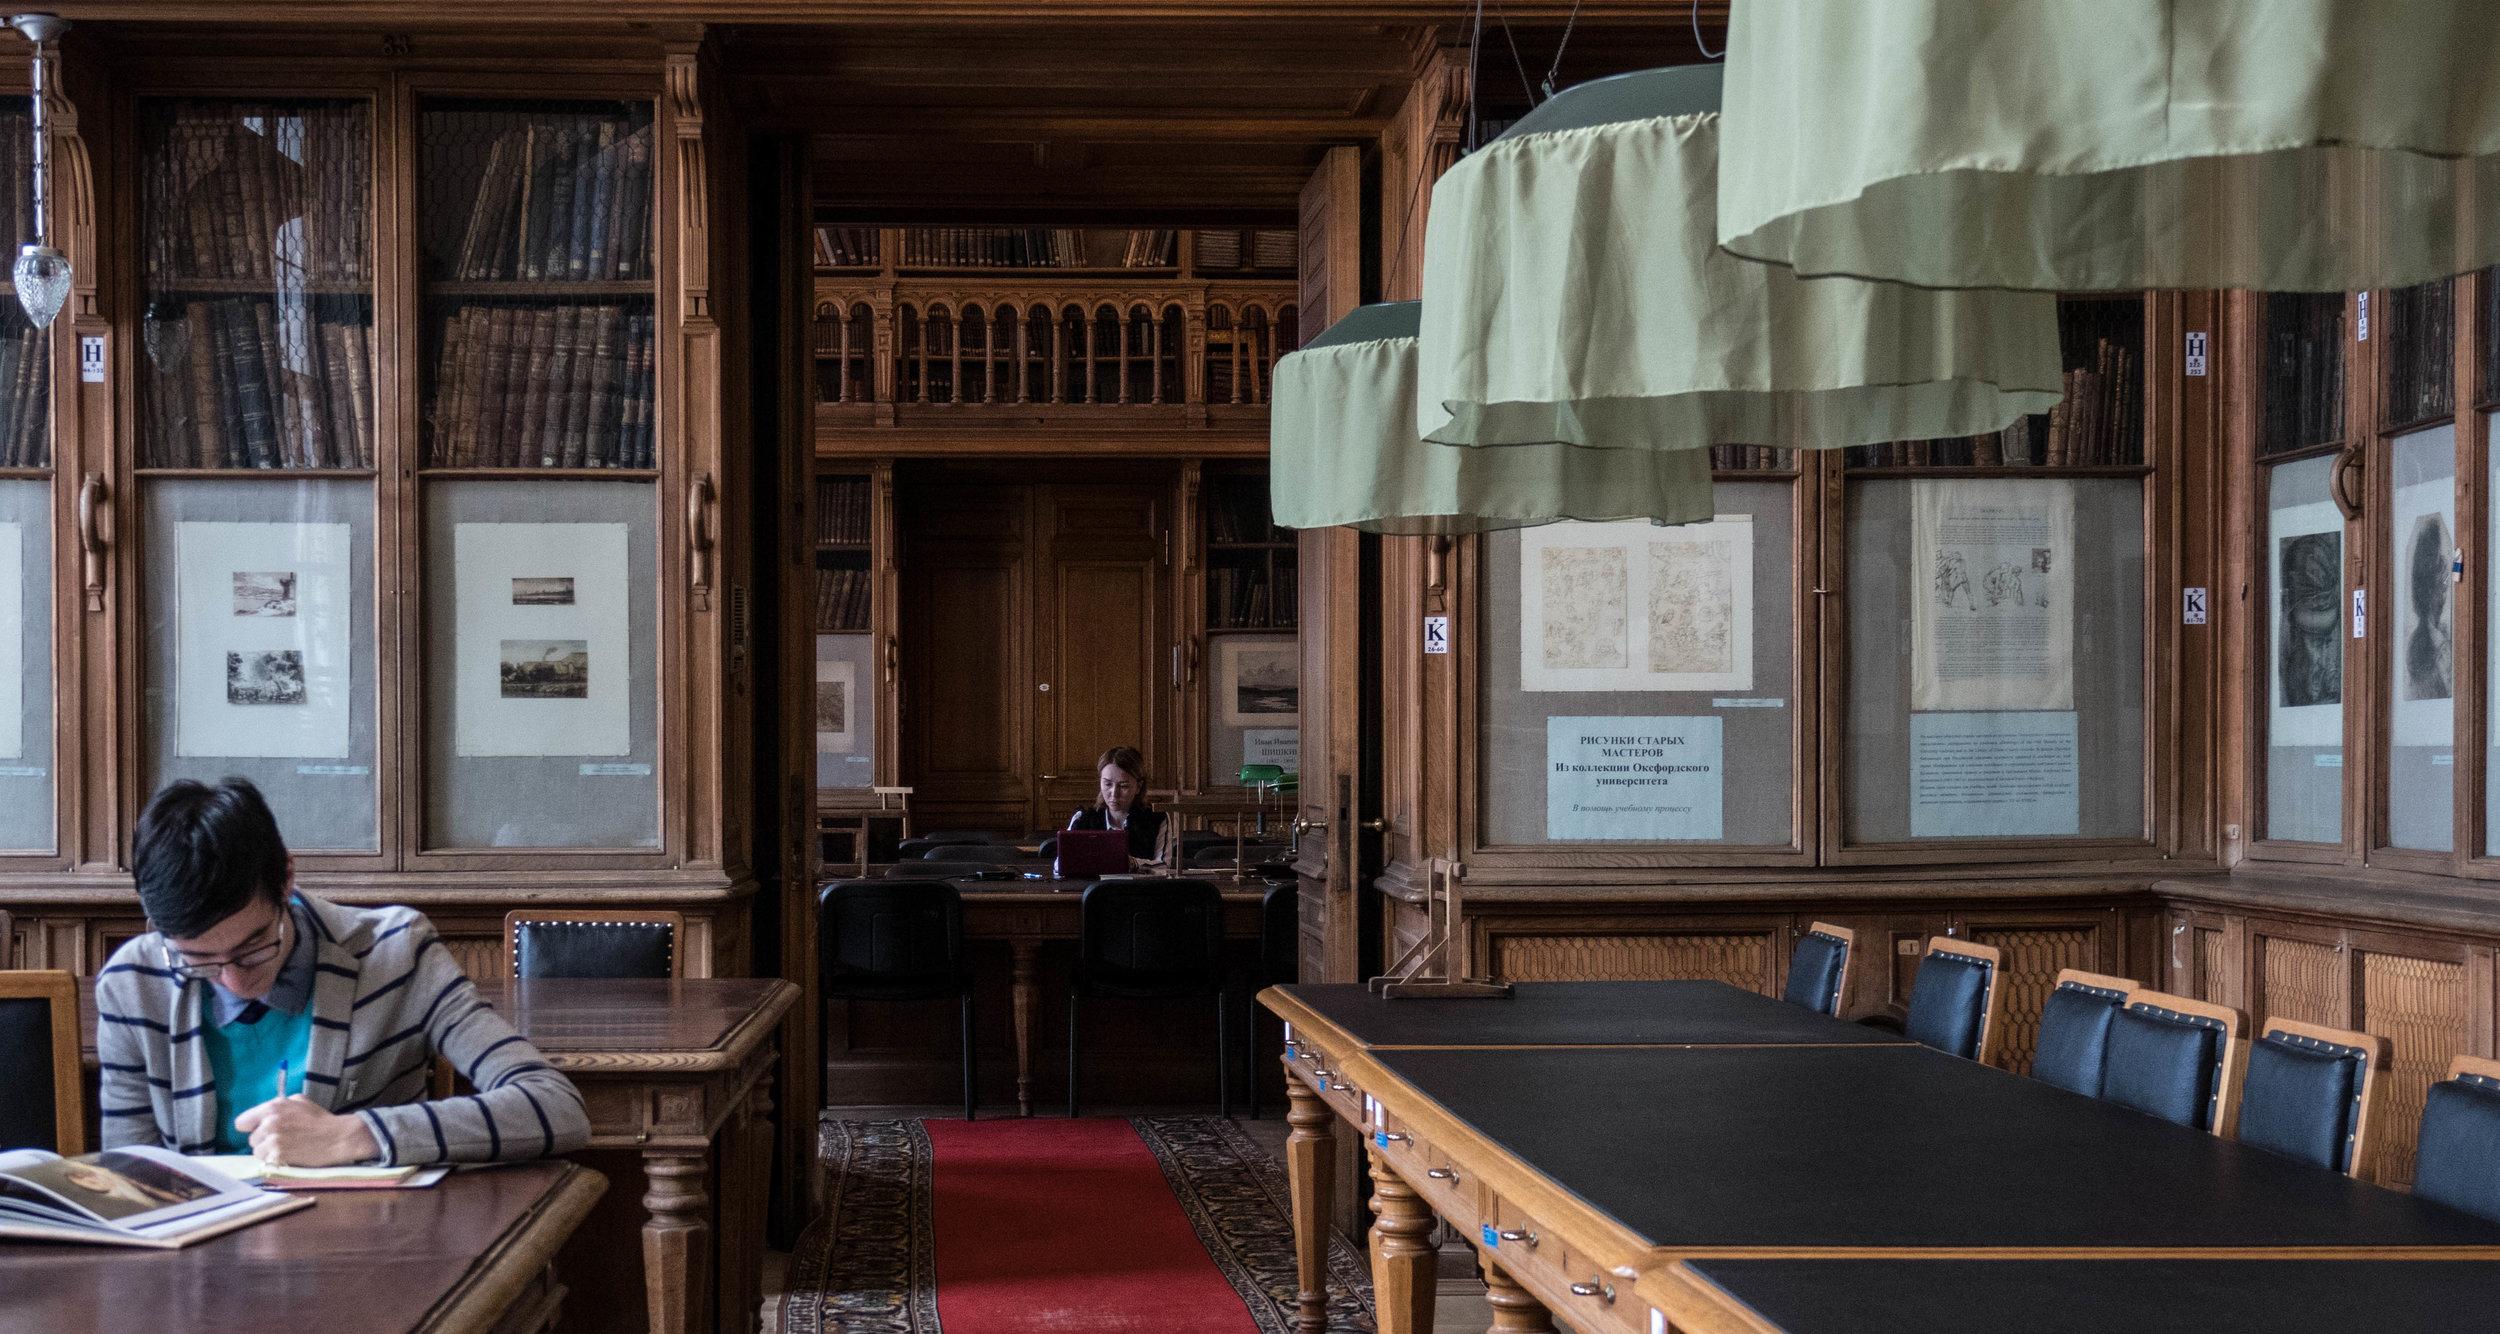 De bibliotheek van de Kunstacademie. Over mijn bezoek daar schreef ik een  apart stukje .